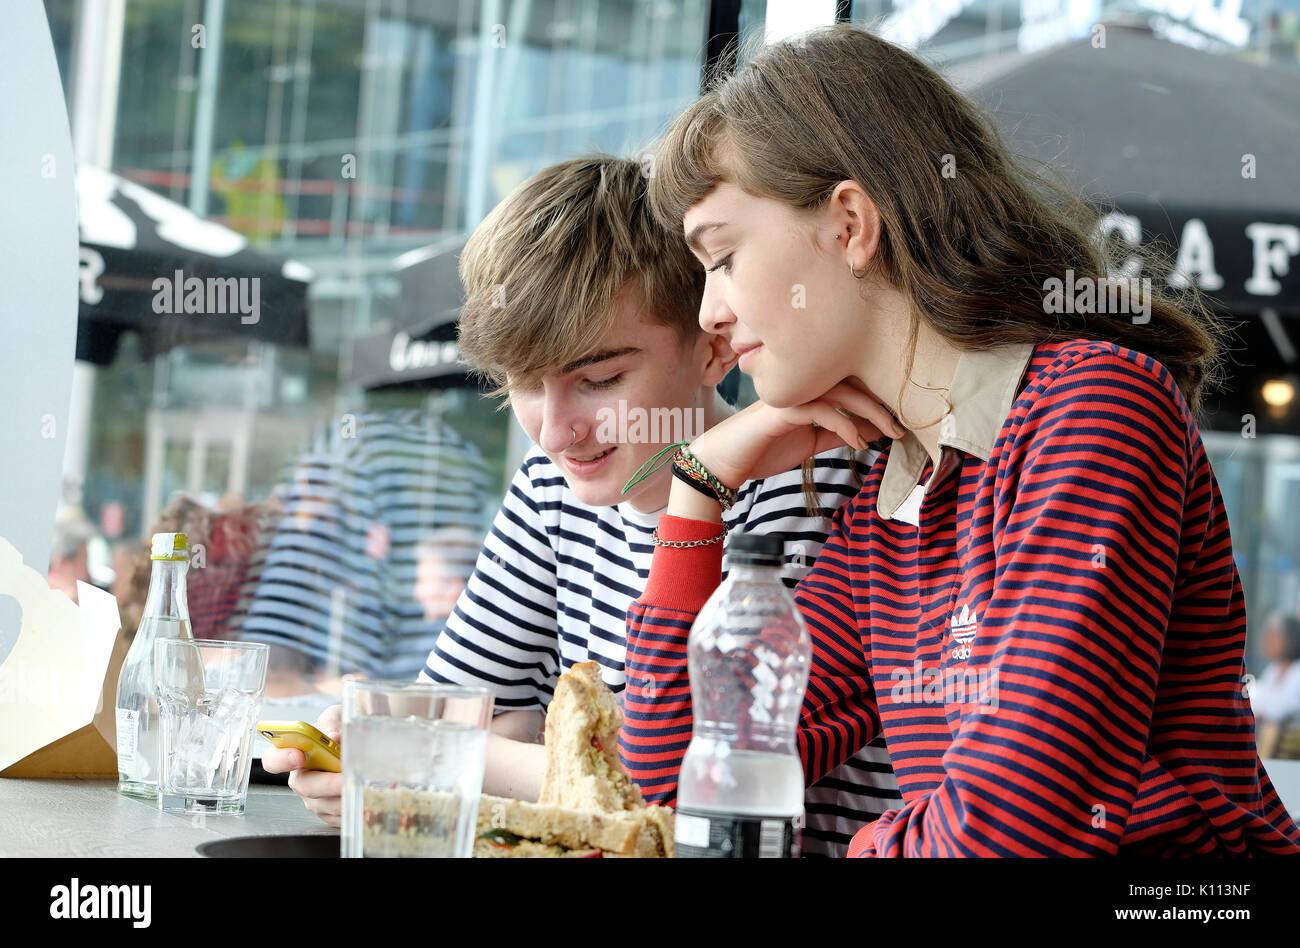 La pareja de adolescentes jóvenes en cafe Imagen De Stock